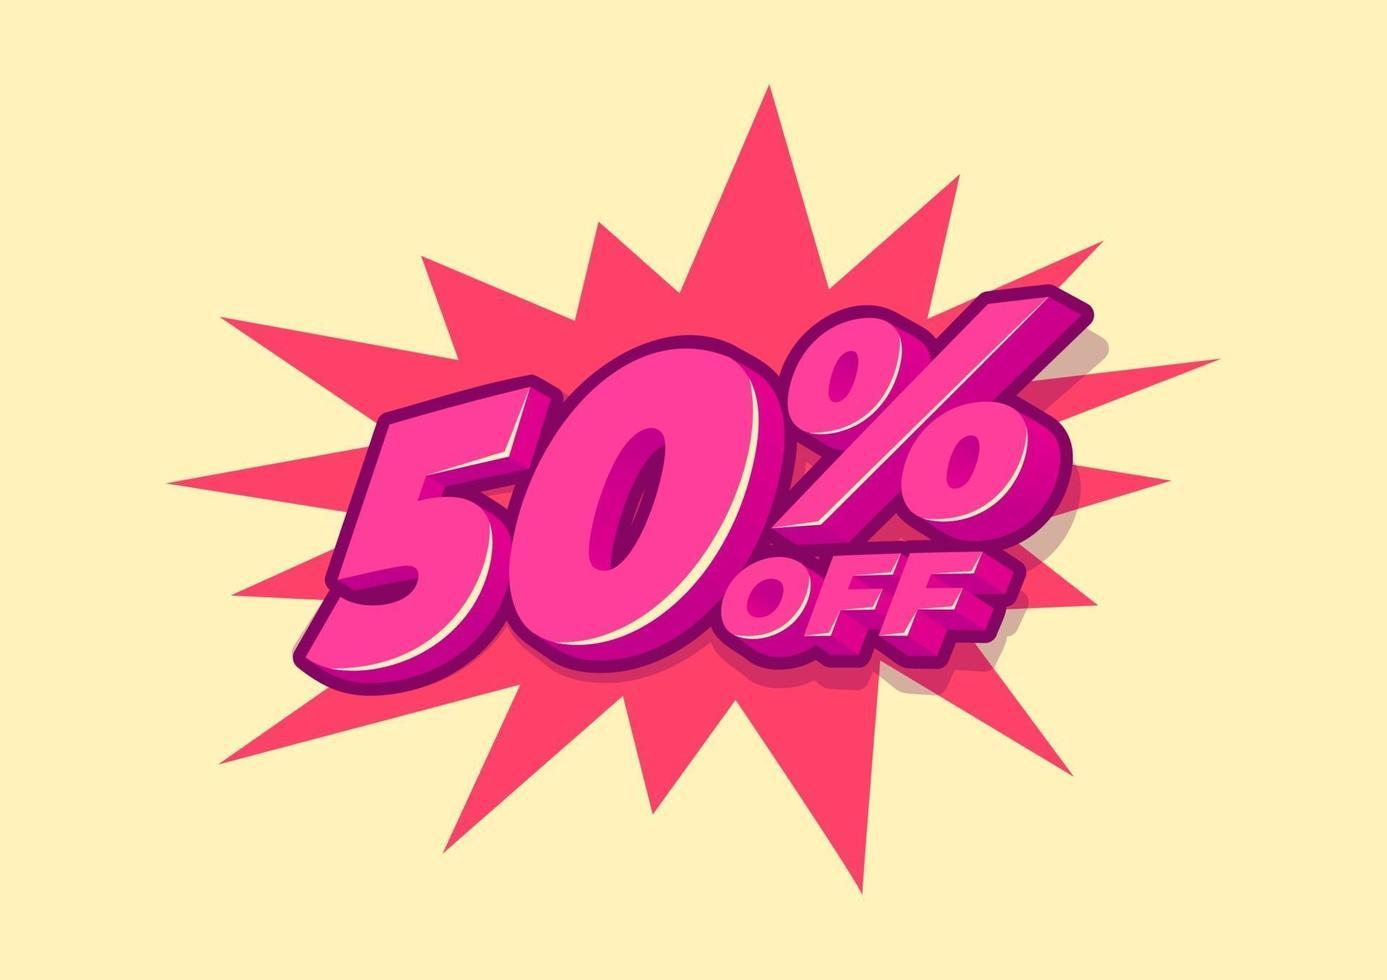 50 procent korting op verkoop-tag. verkoop van speciale aanbiedingen. 50 procent kortingsprijs vector